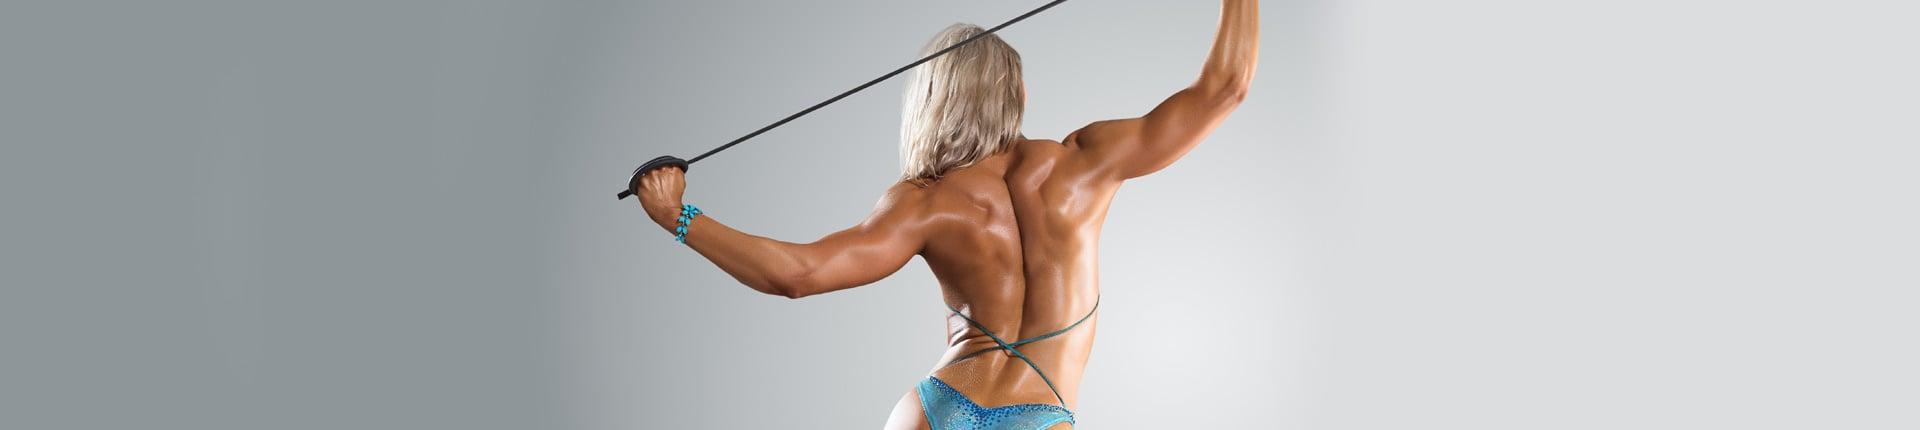 Trening mięśni grzbietu  dla kobiet